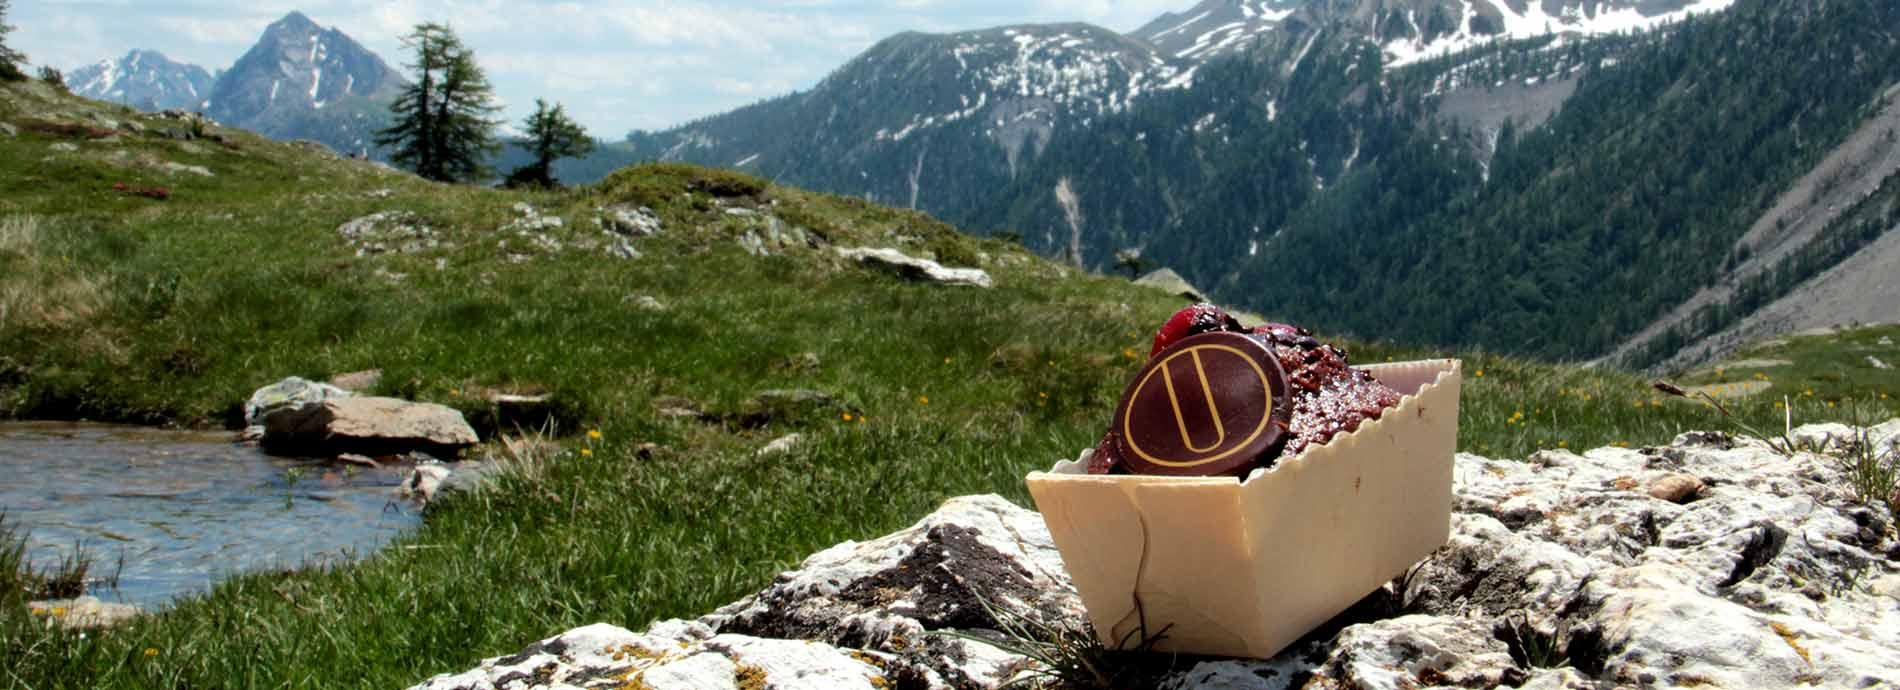 UGETTI desserts avec ingrédients de la montagne - Vallée Étroite